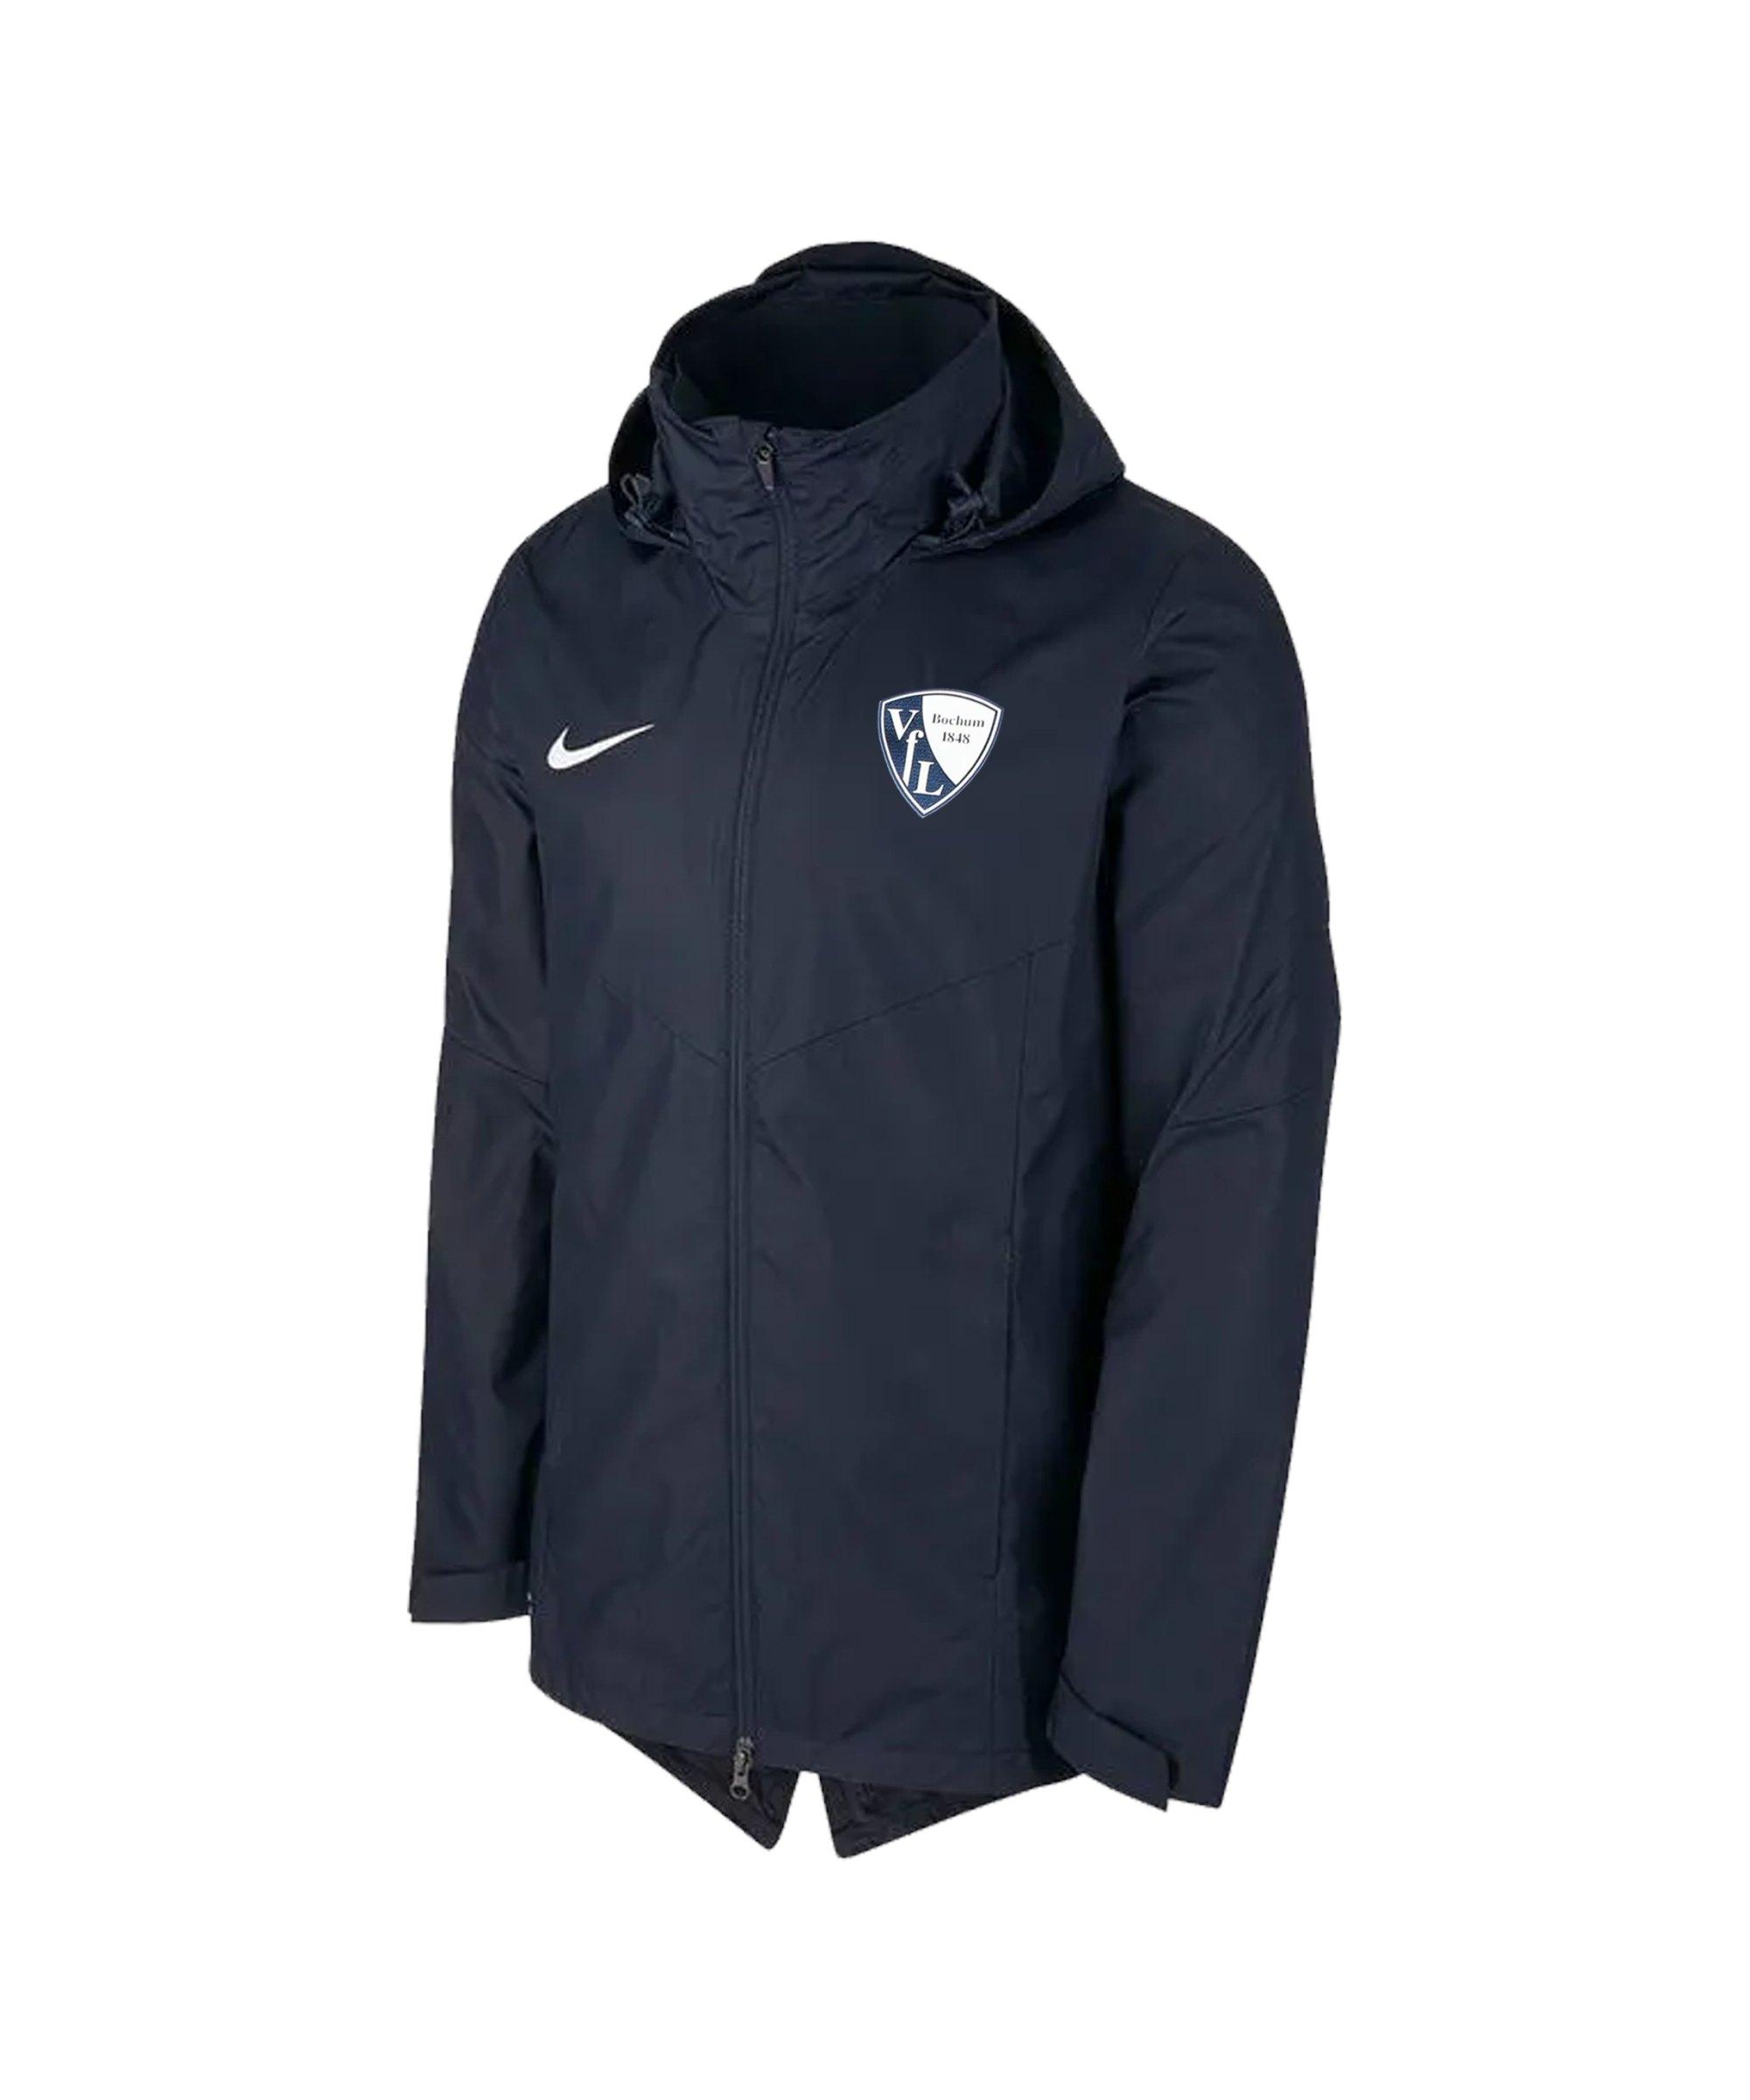 Nike VfL Bochum Regenjacke Blau F451 - blau